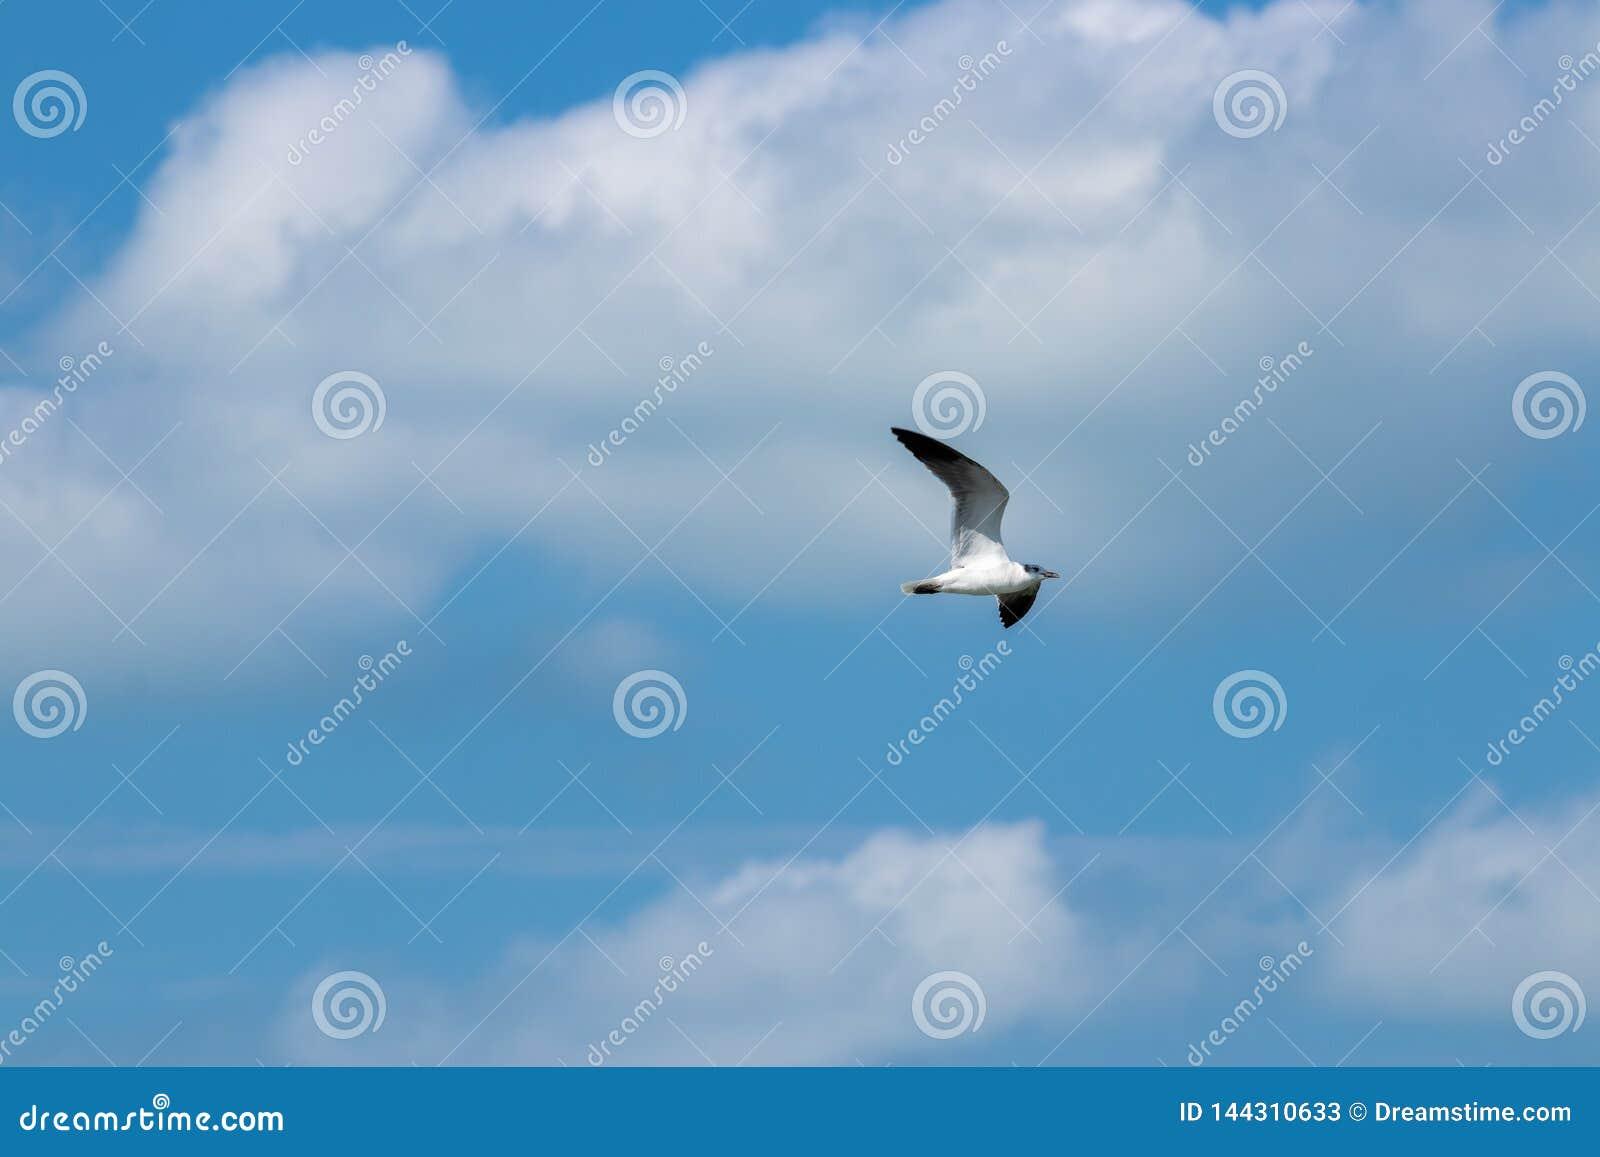 Vliegende vogel in de hemel